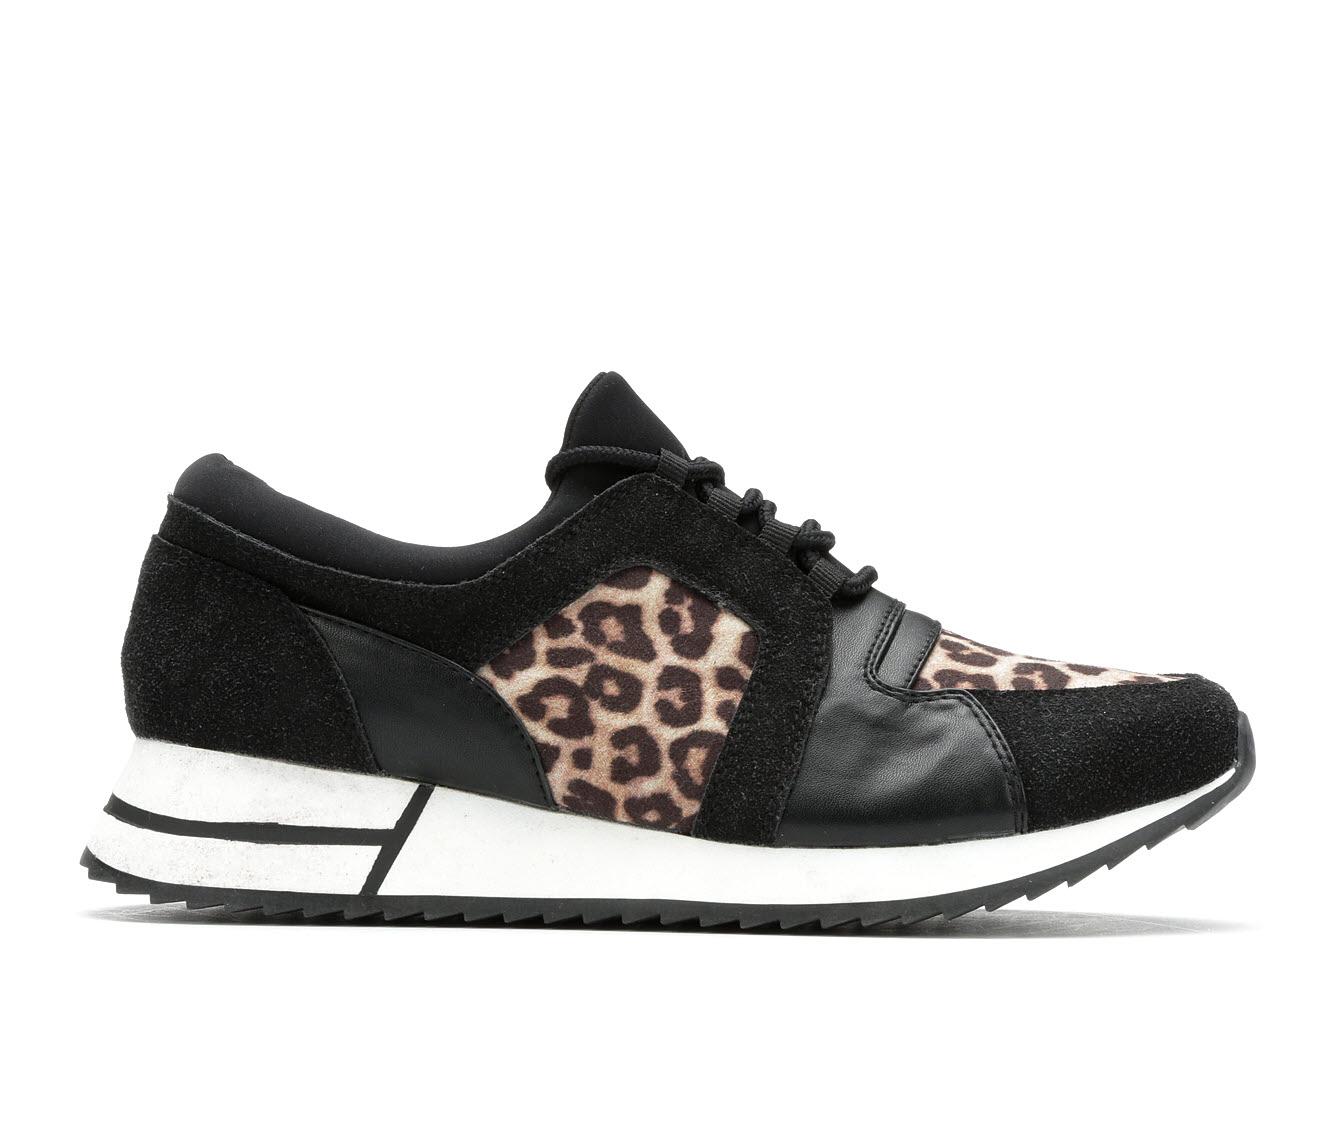 Unr8ed Meme Women's Shoe (Black Faux Leather)